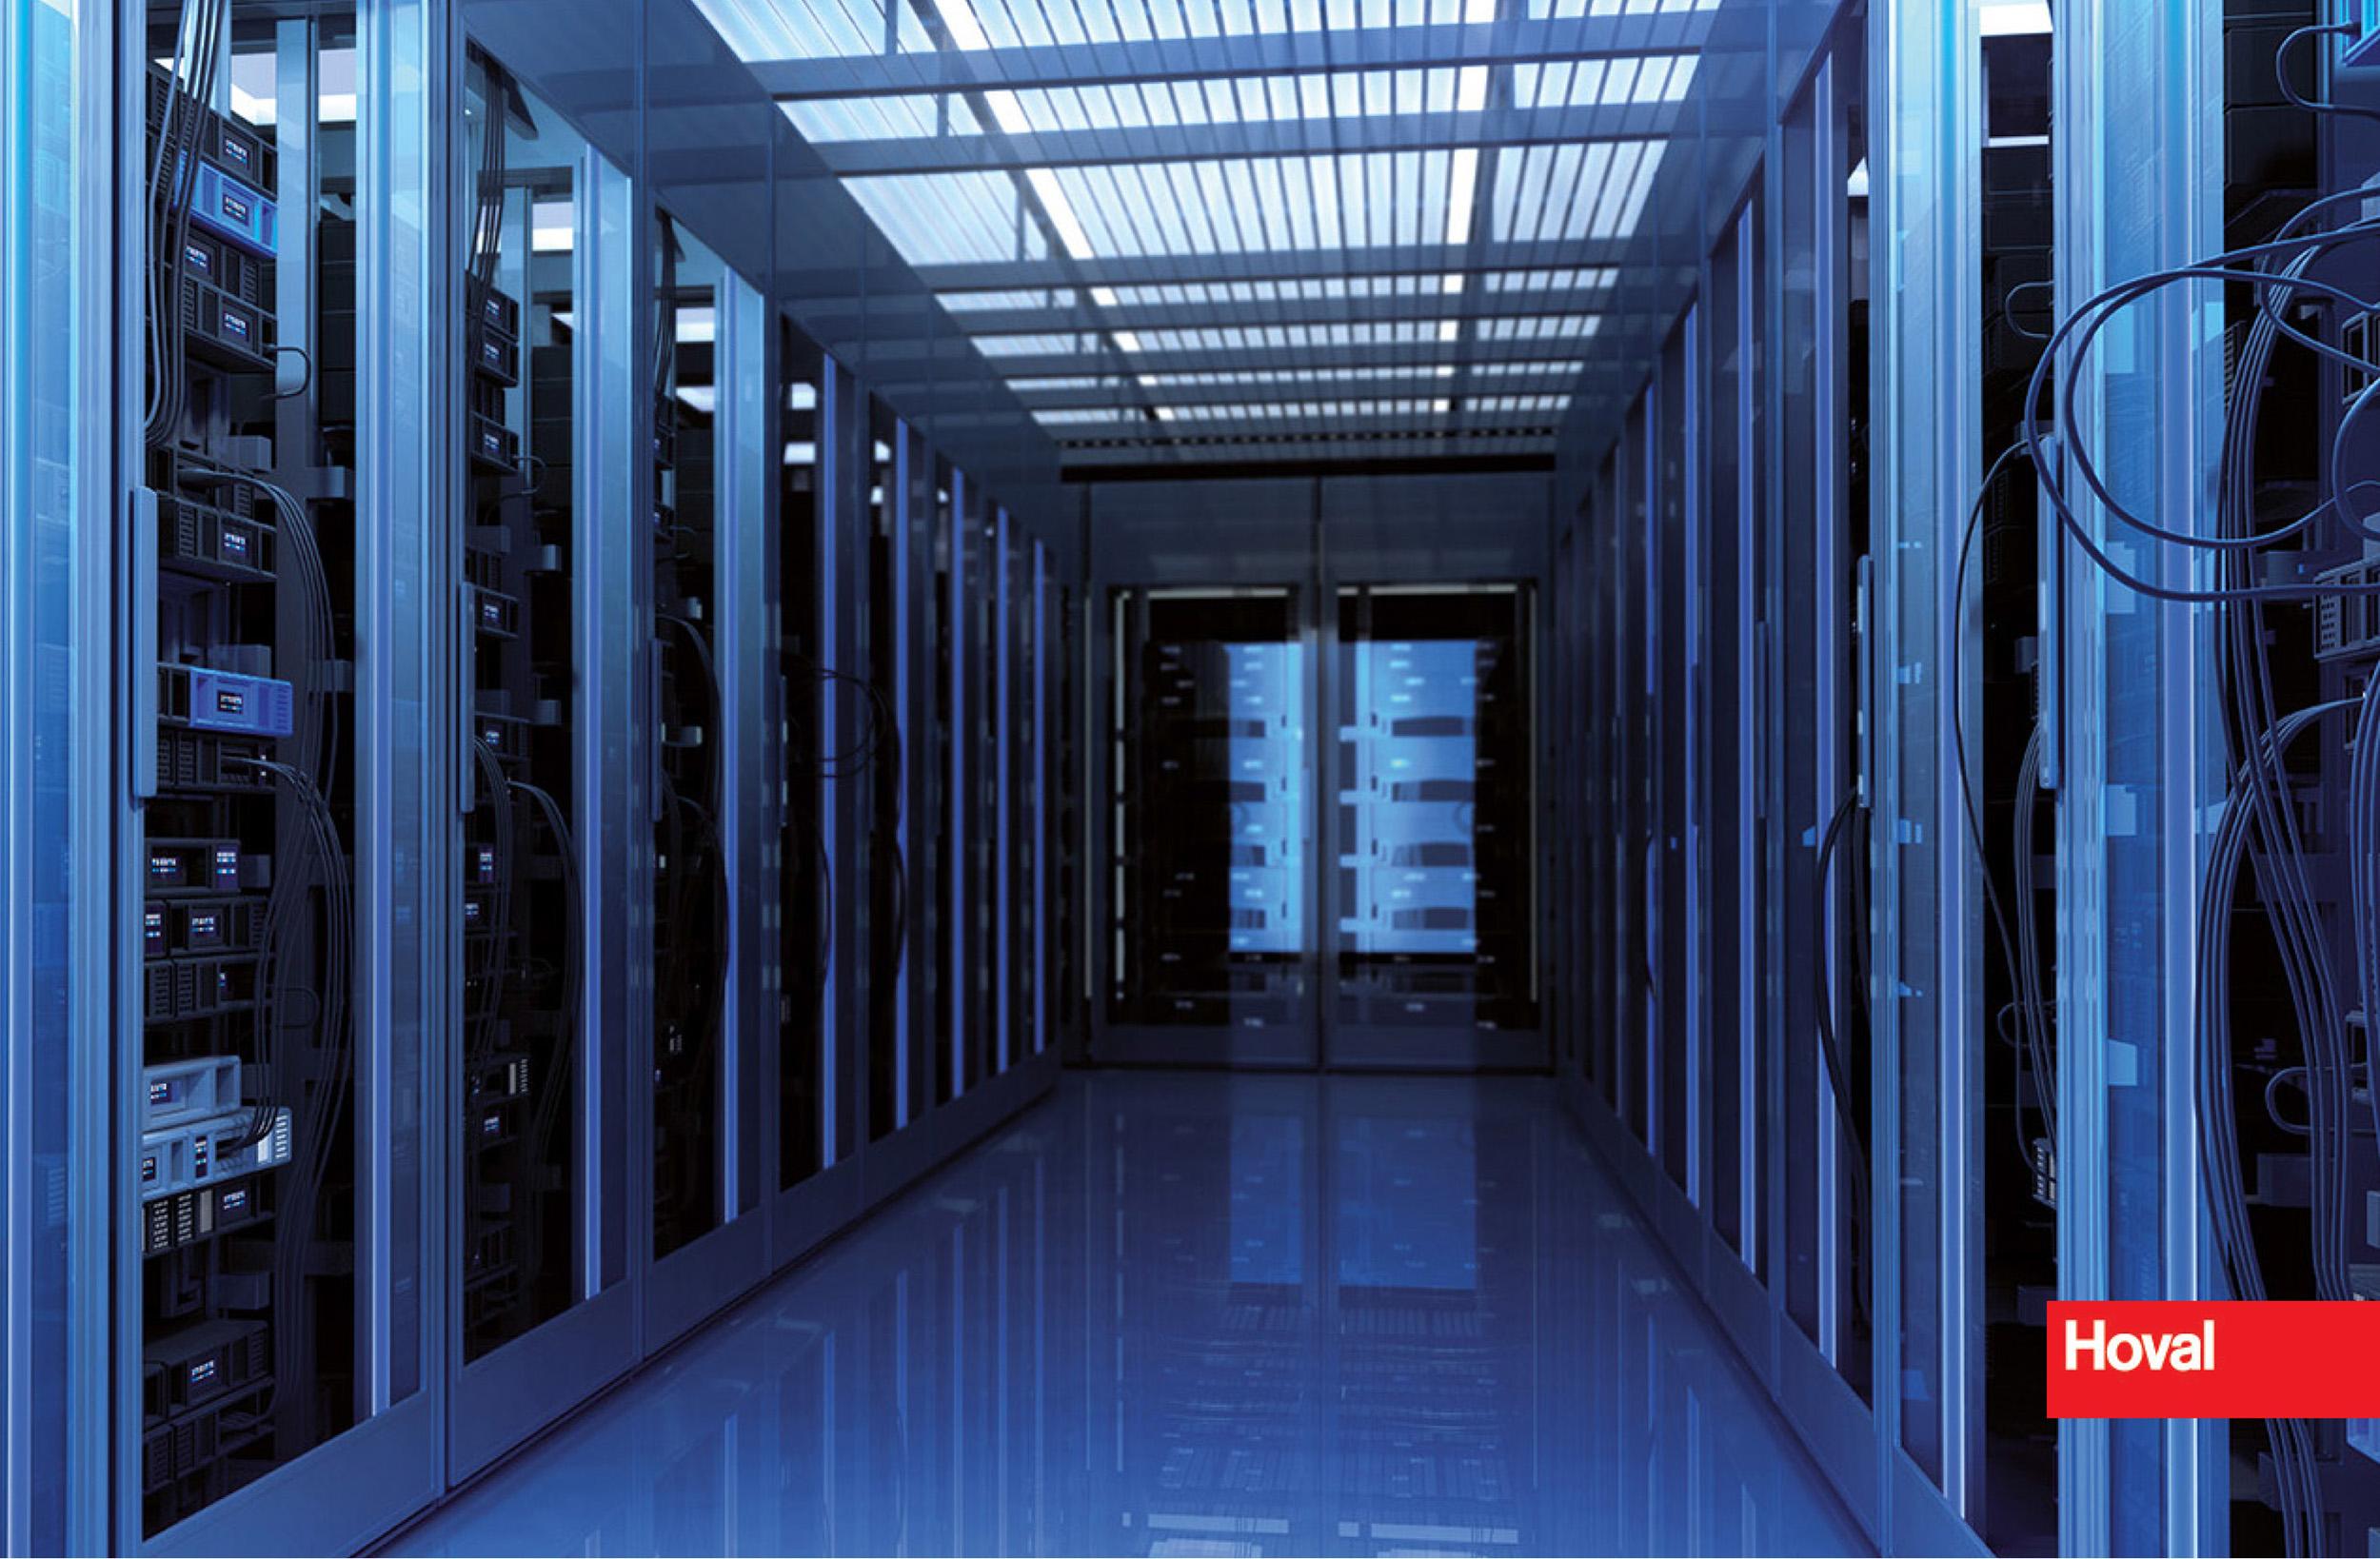 Racirea centrelor de date cu o eficienta energetica maxima - Racirea centrelor de date cu o